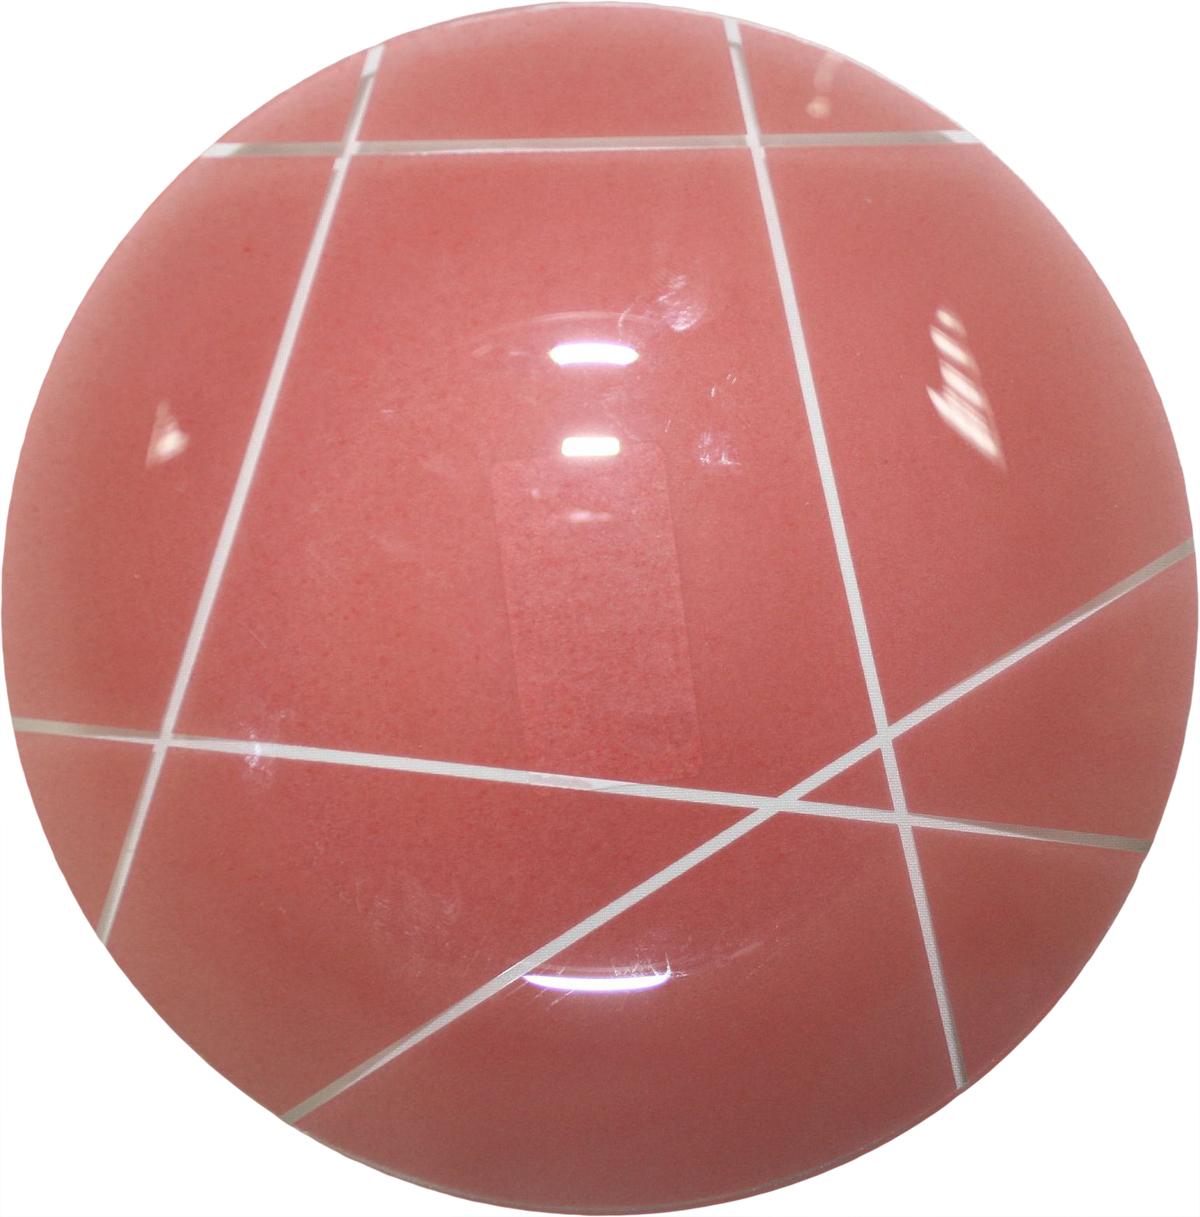 Тарелка десертная NiNaGlass Контур, цвет: красный, диаметр 20 см85-200-002кТарелка NiNaGlass Конус выполнена из высококачественного стекла и оформлена красивым прозрачным геометрическим принтом. Тарелка идеальна для подачи вторых блюд, а также сервировки закусок, нарезок, салатов, овощей и фруктов. Она отлично подойдет как для повседневных, так и для торжественных случаев. Такая тарелка прекрасно впишется в интерьер вашей кухни и станет достойным дополнением к кухонному инвентарю.